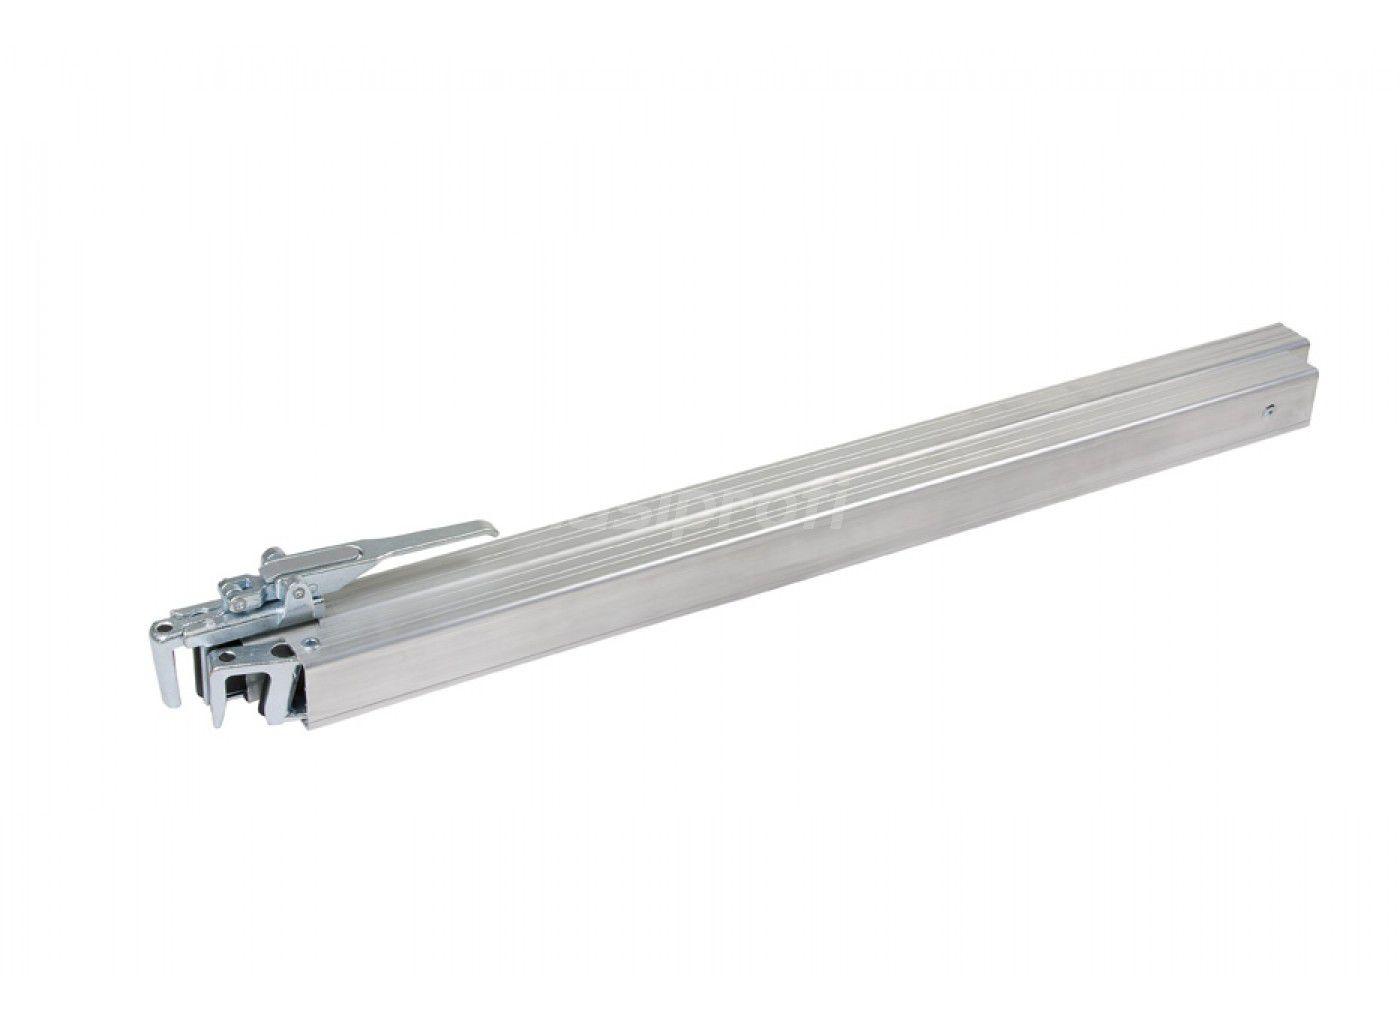 Stabile und leichte Sperrbalken aus Aluminium